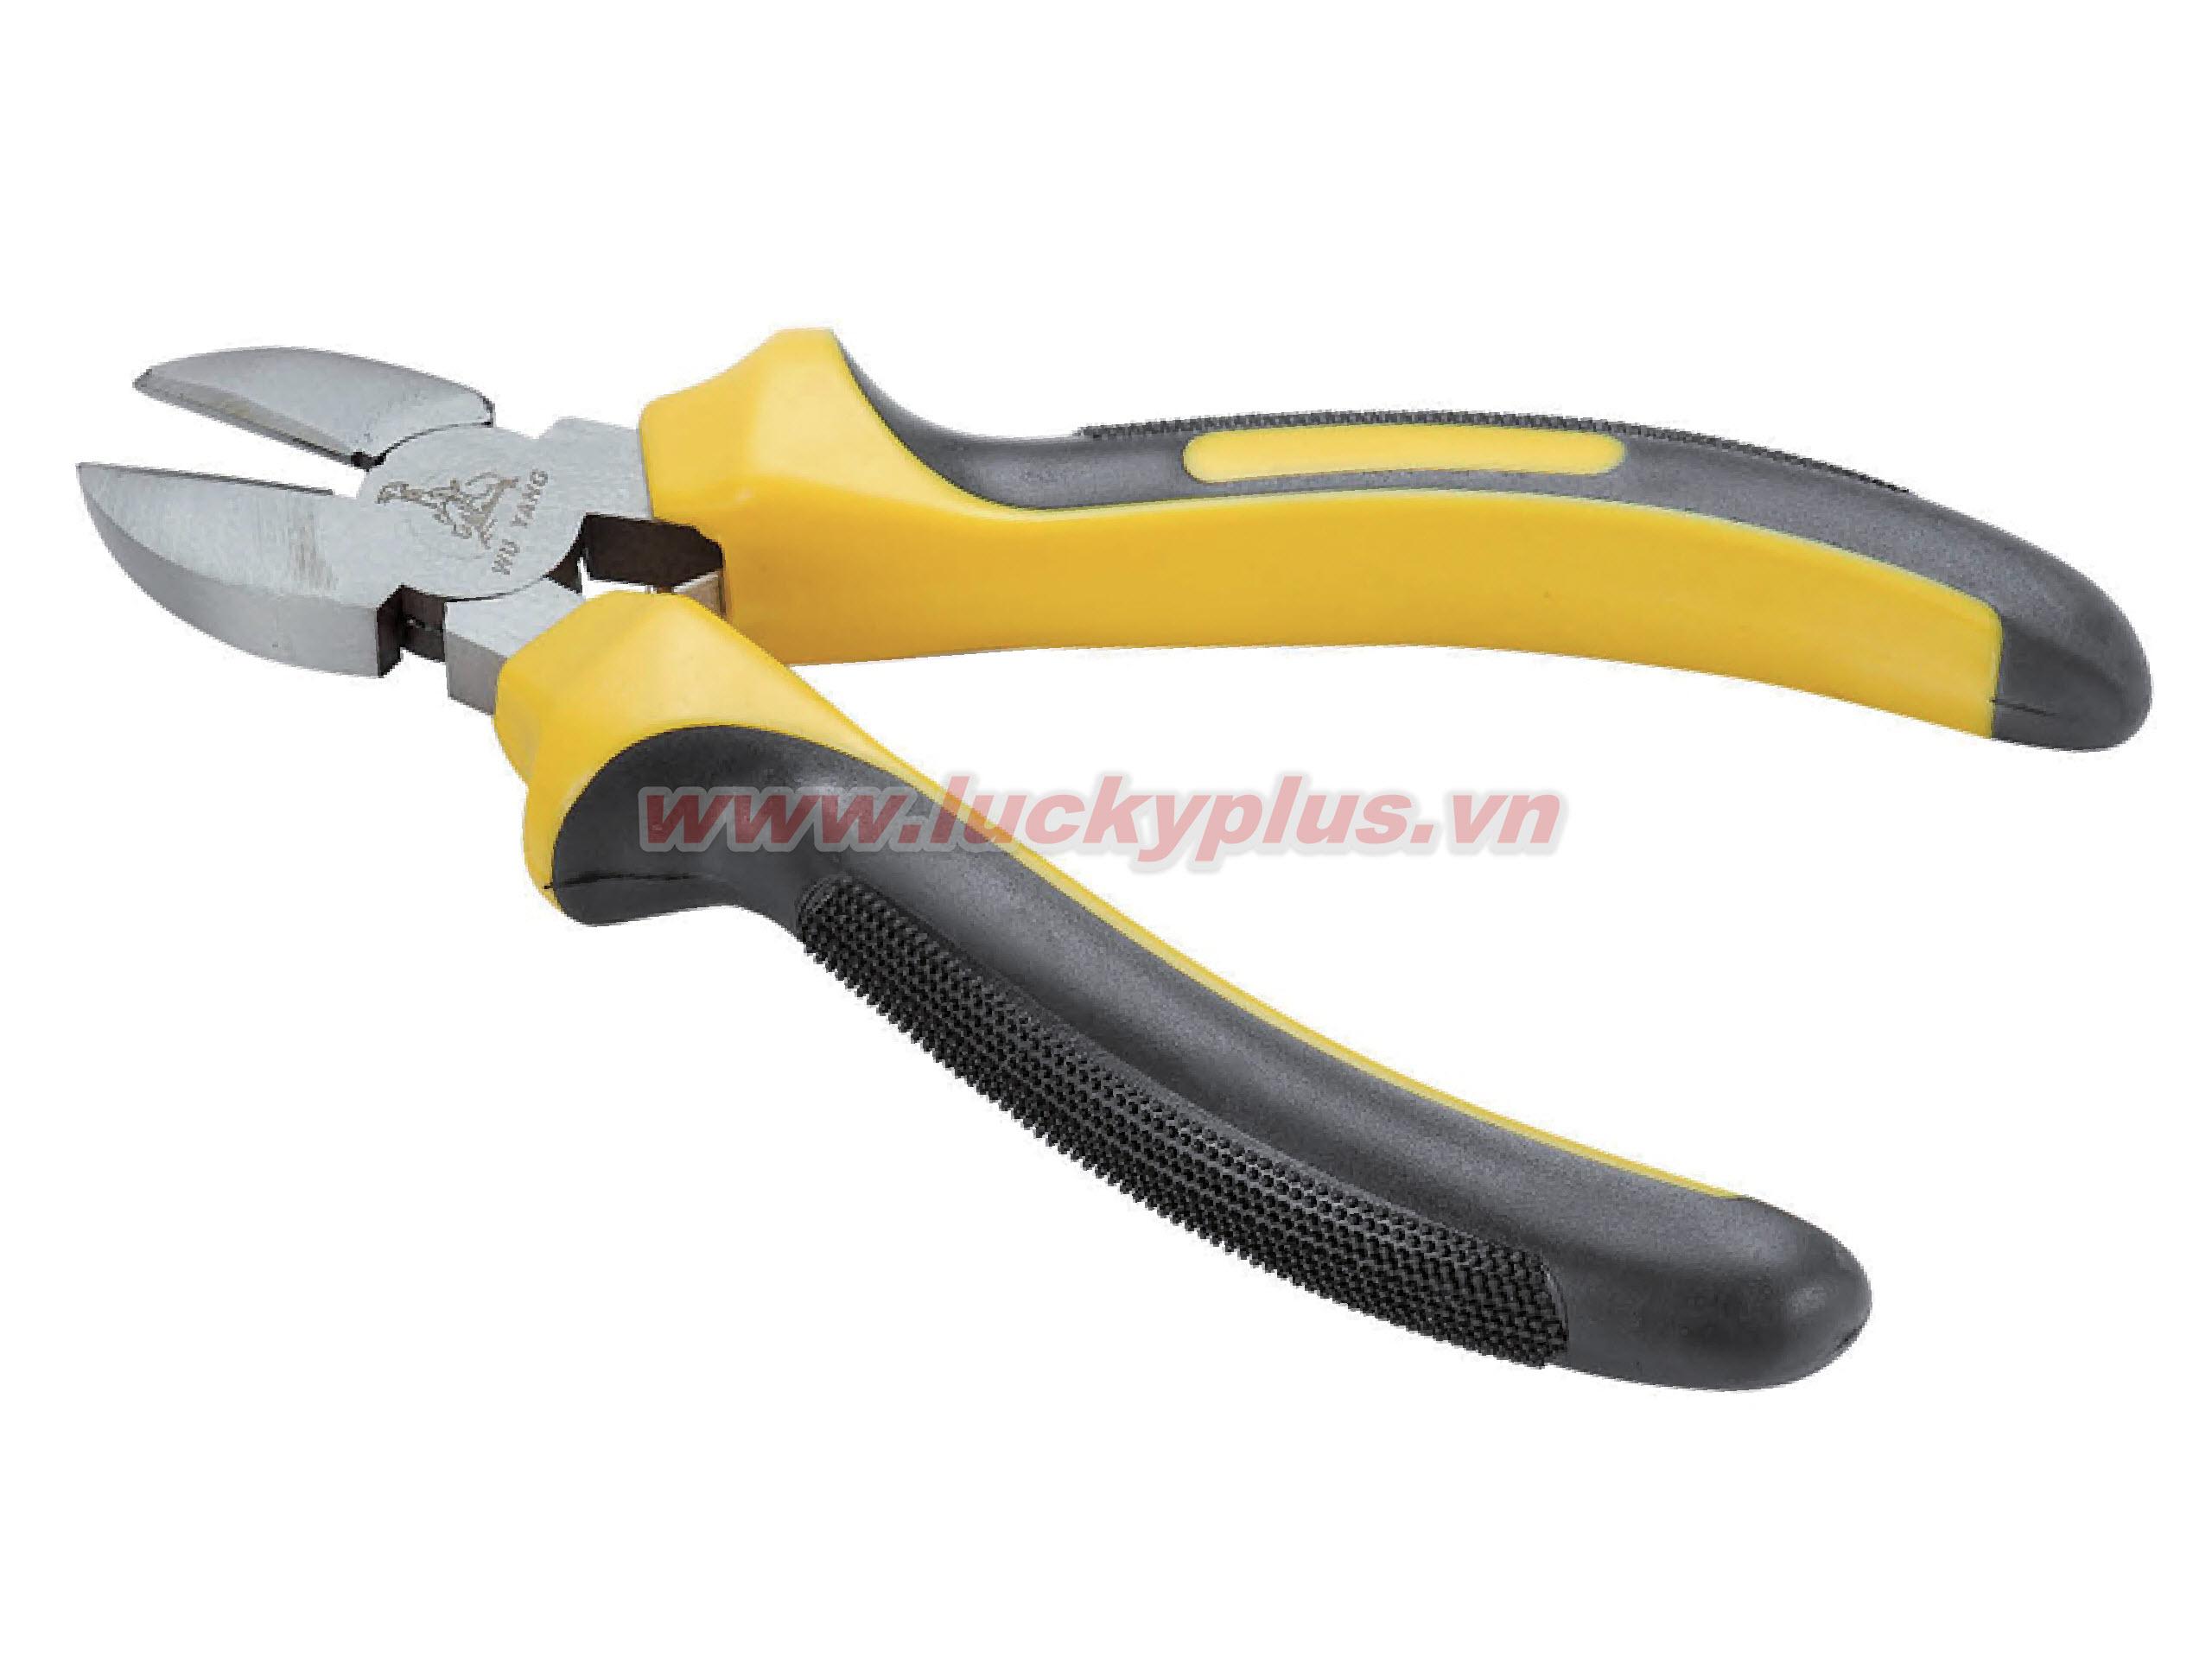 Kìm cắt vát FiveSheep FS-12236 6''/150mm, FS-12238 8''/200mm